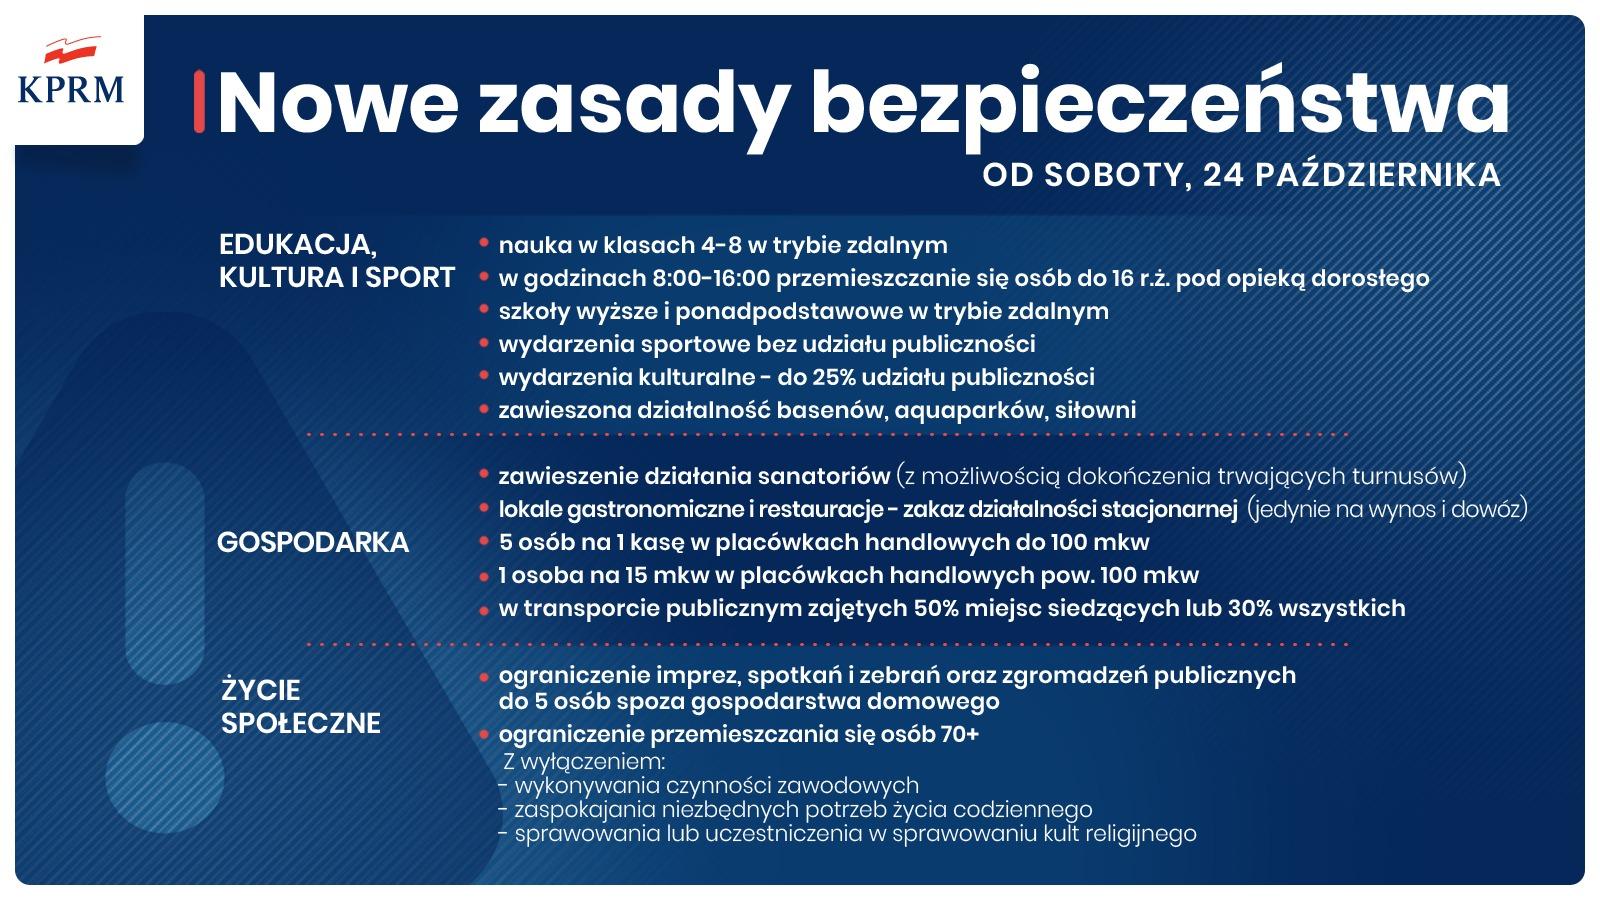 polska czewoną strefą Cov2 1 <font color=r />Cała Polska w czerwonej strefie, kolejne zasady bezpieczeństwa oraz Solidarnościowy Korpus Wsparcia Seniorów</font>